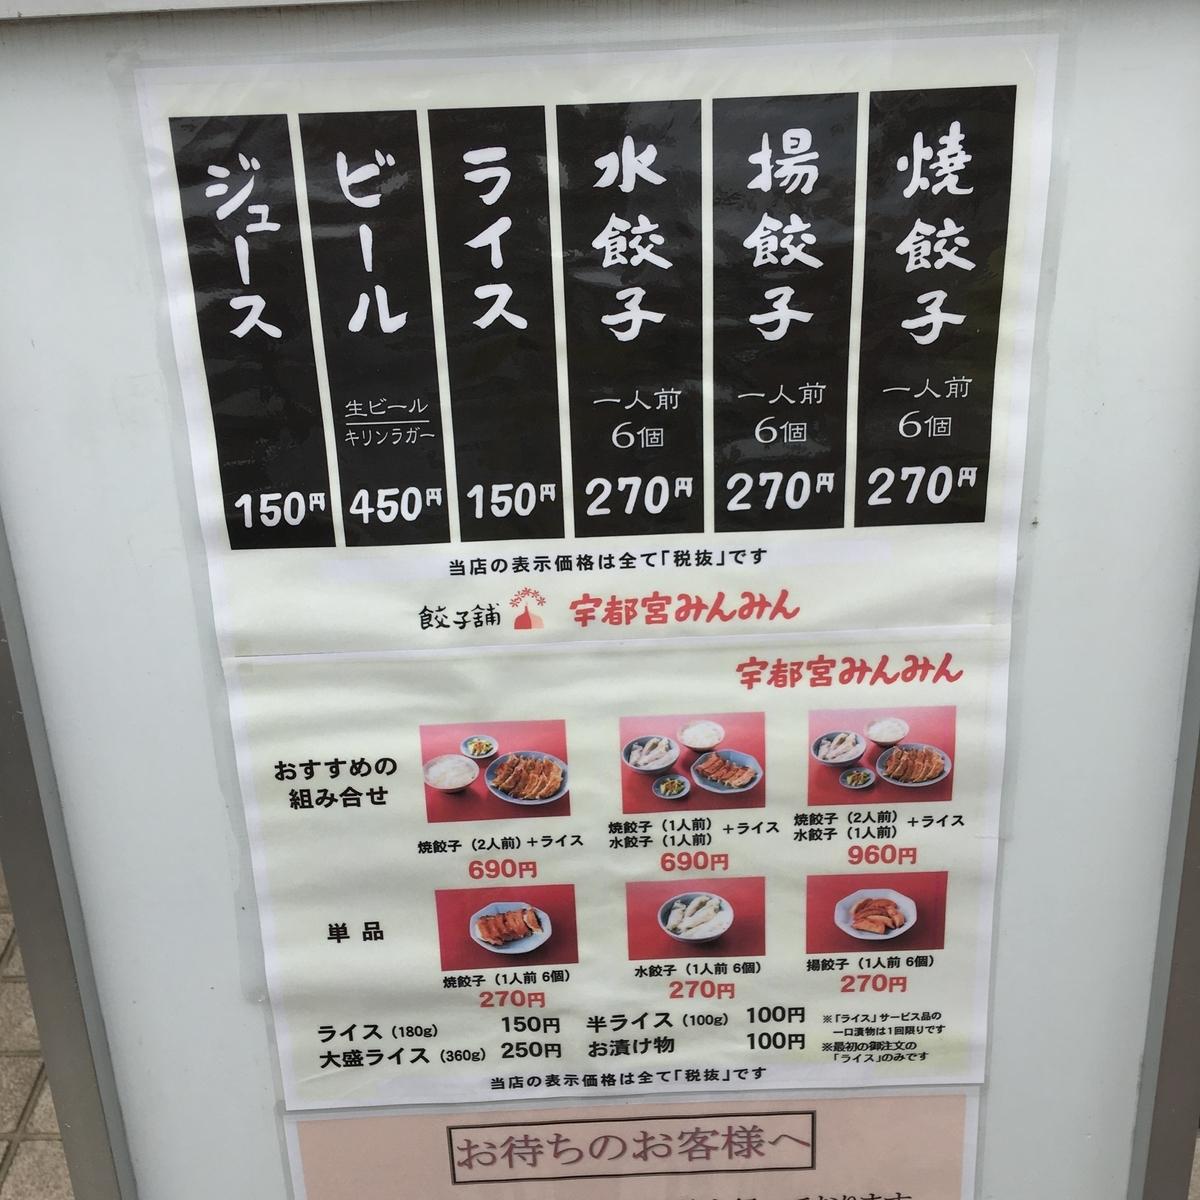 宇都宮餃子専門店「みんみん」のメニュー